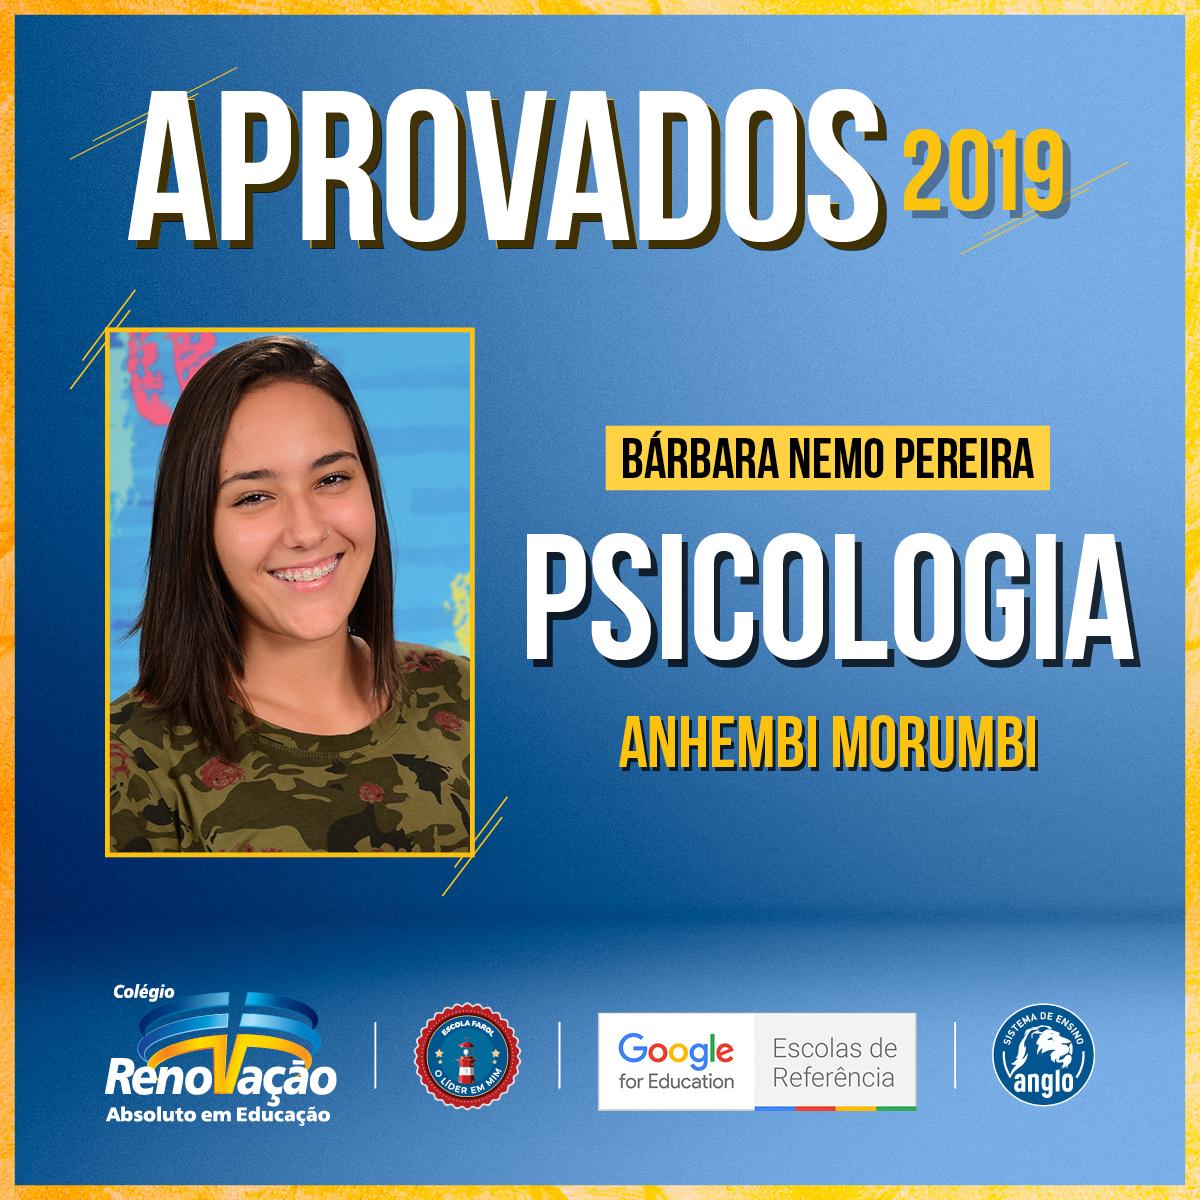 16992_Desdobramentos_Post_BannerAprovados2019_ColegioRenovacaoSP4